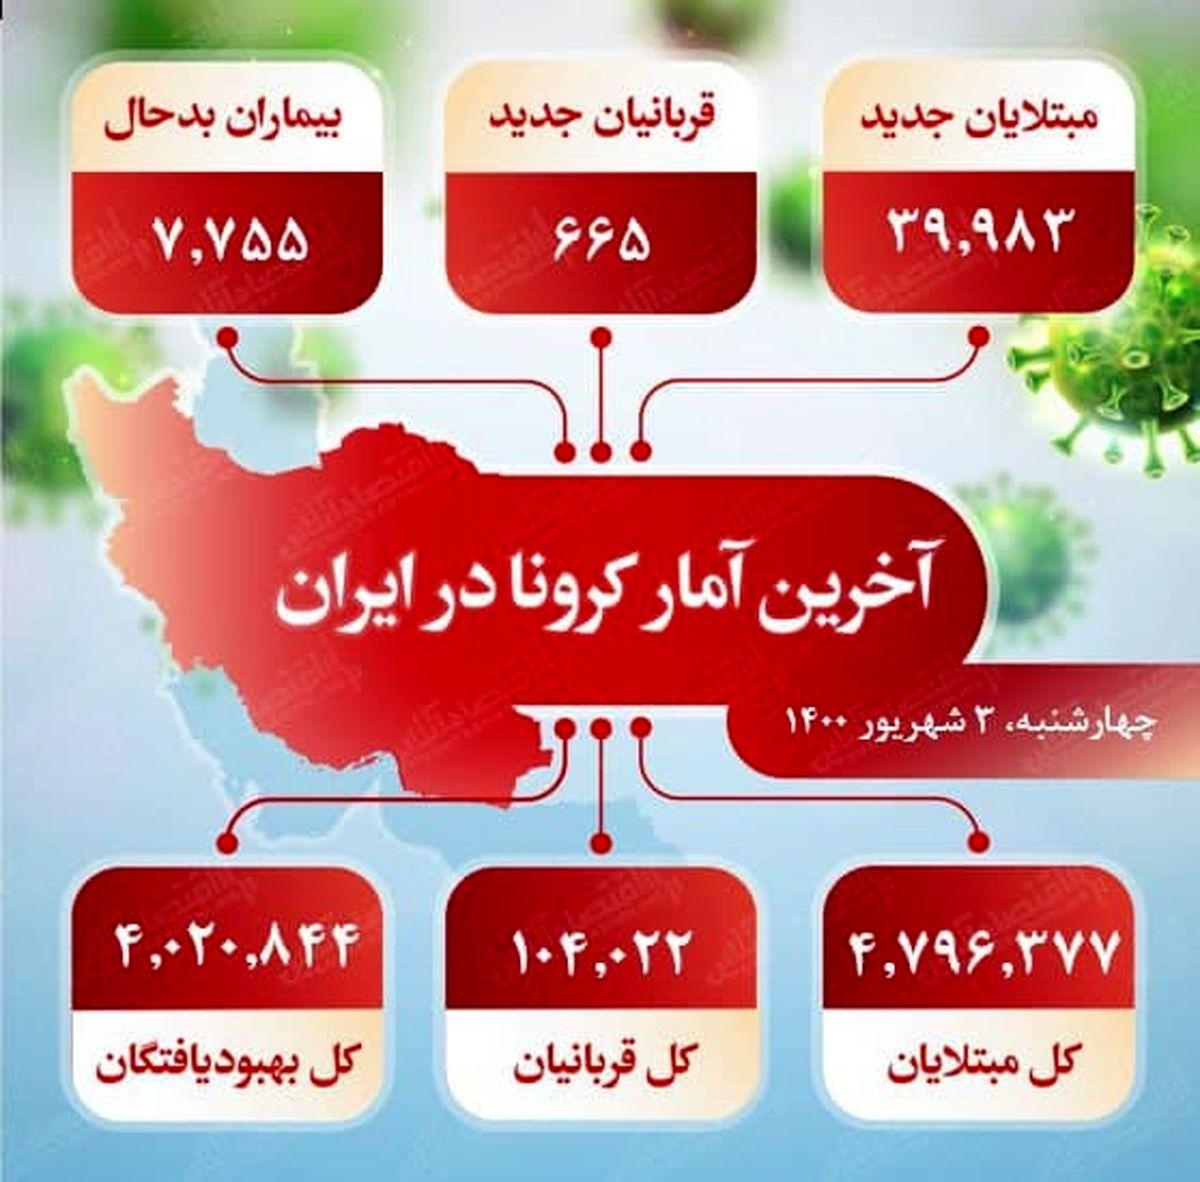 آخرین آمار کرونا در ایران (۱۴۰۰/۶/۳)